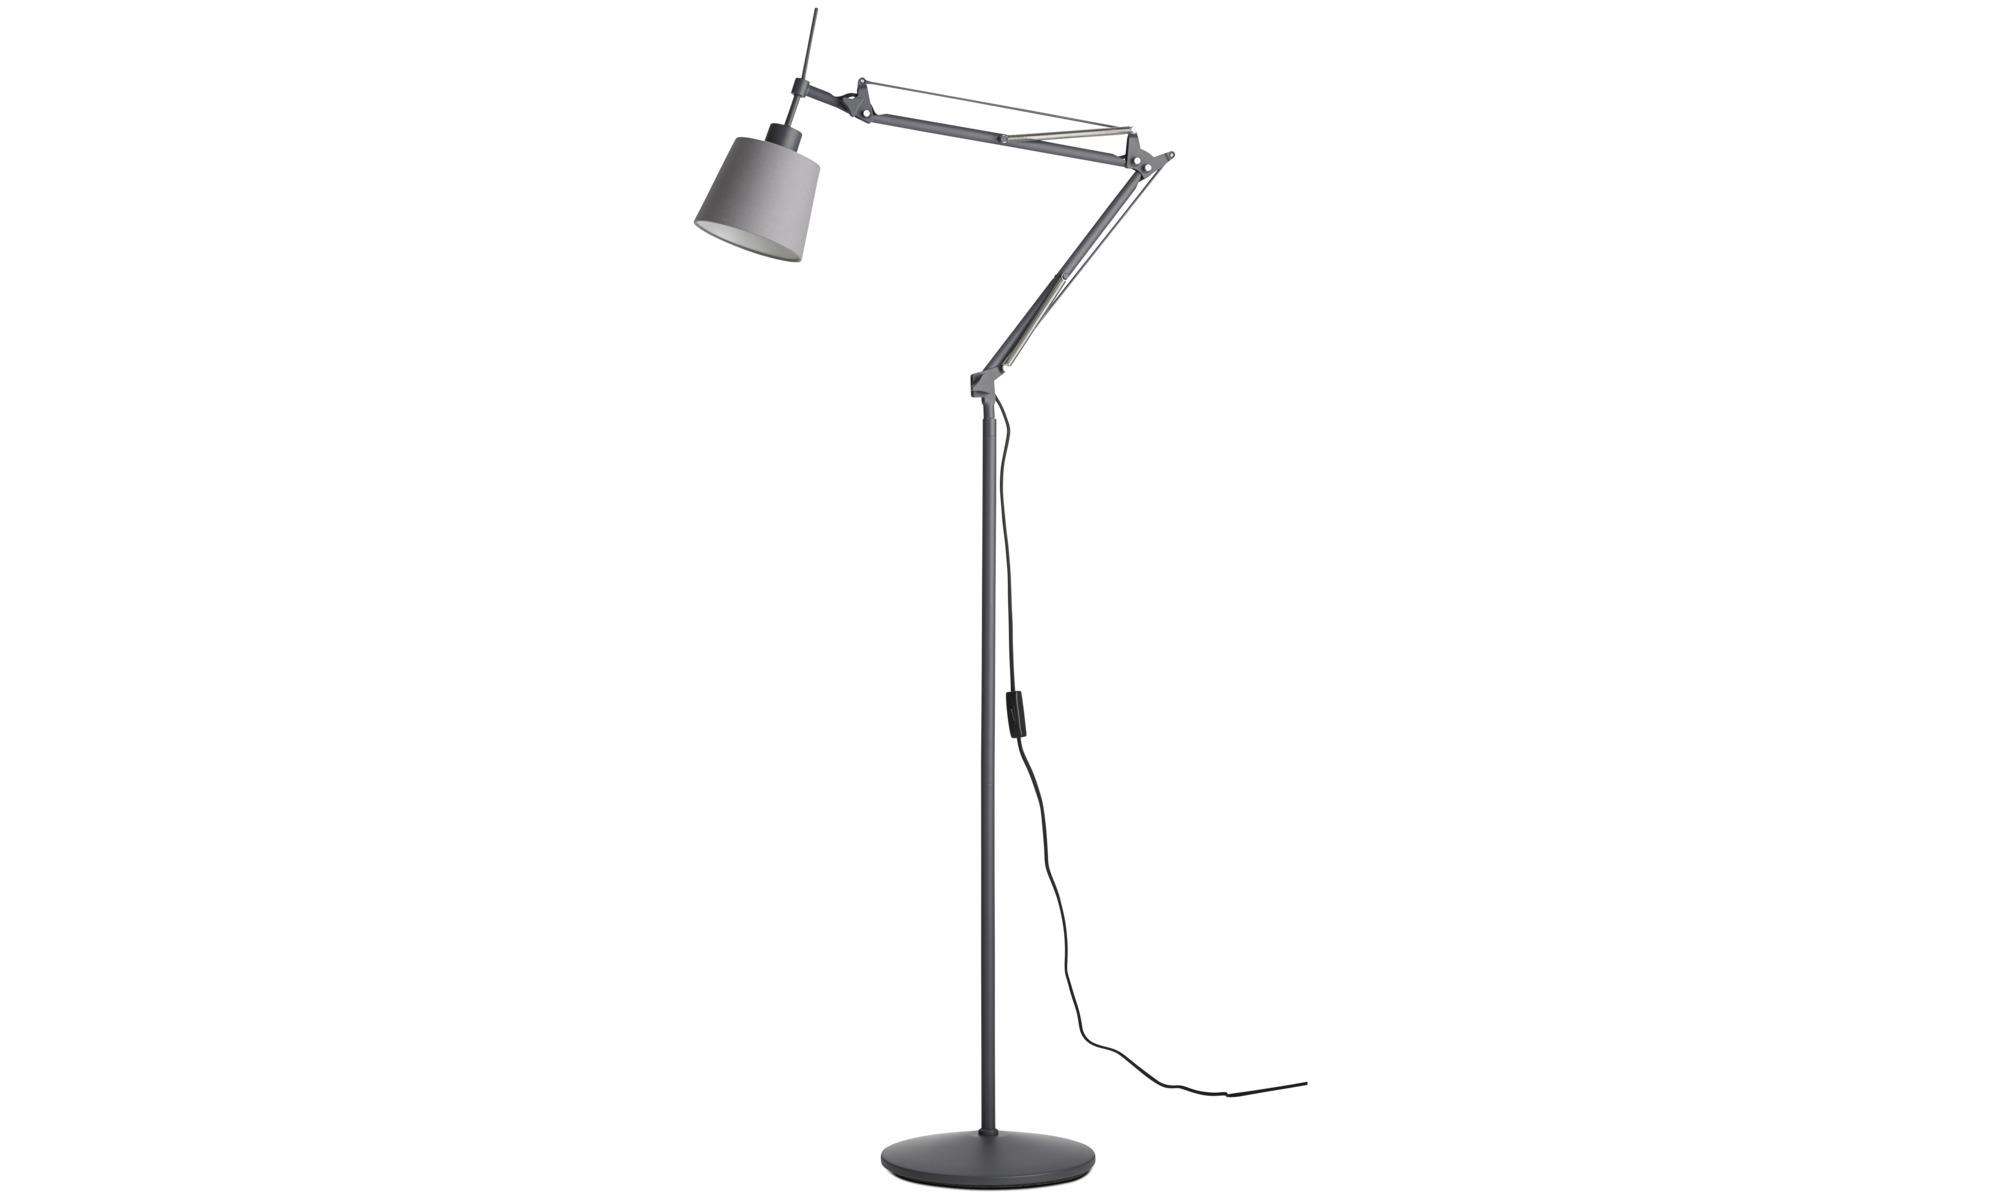 灯具 - Berlin落地灯 - 灰色 - 金属